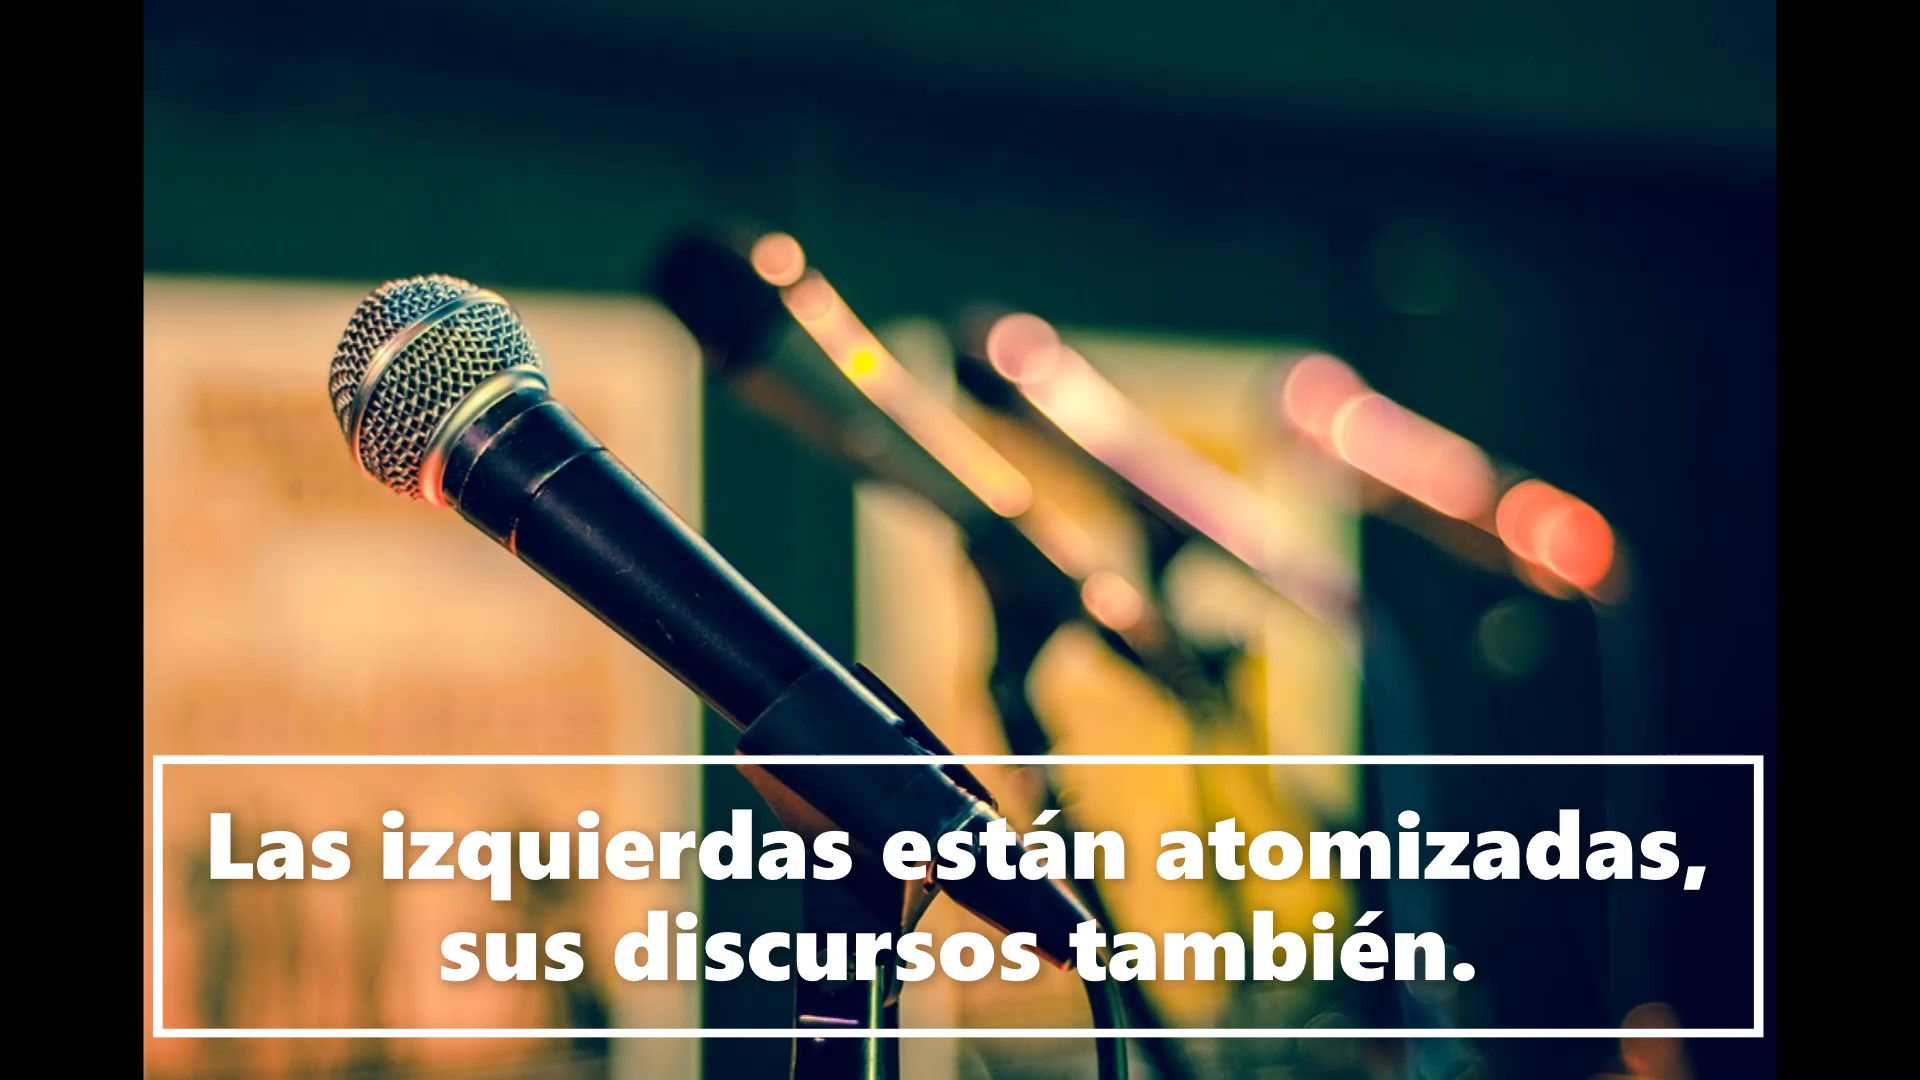 Micrófonos que ilustran un discurso